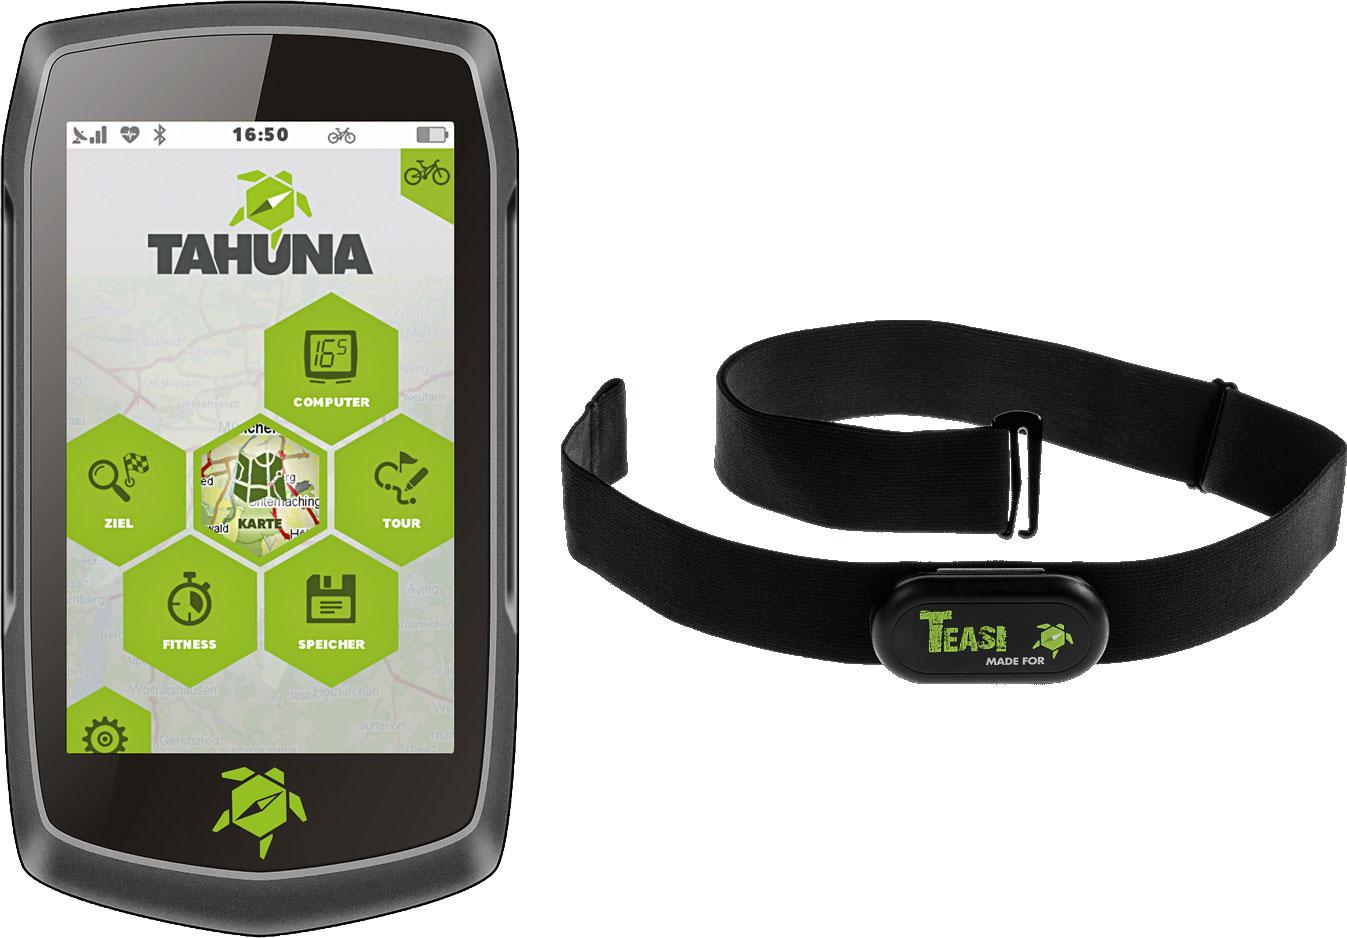 Tahuna Teasi One 4 Outdoor Navigationsgerät inkl. Herzfrequenz Sensor